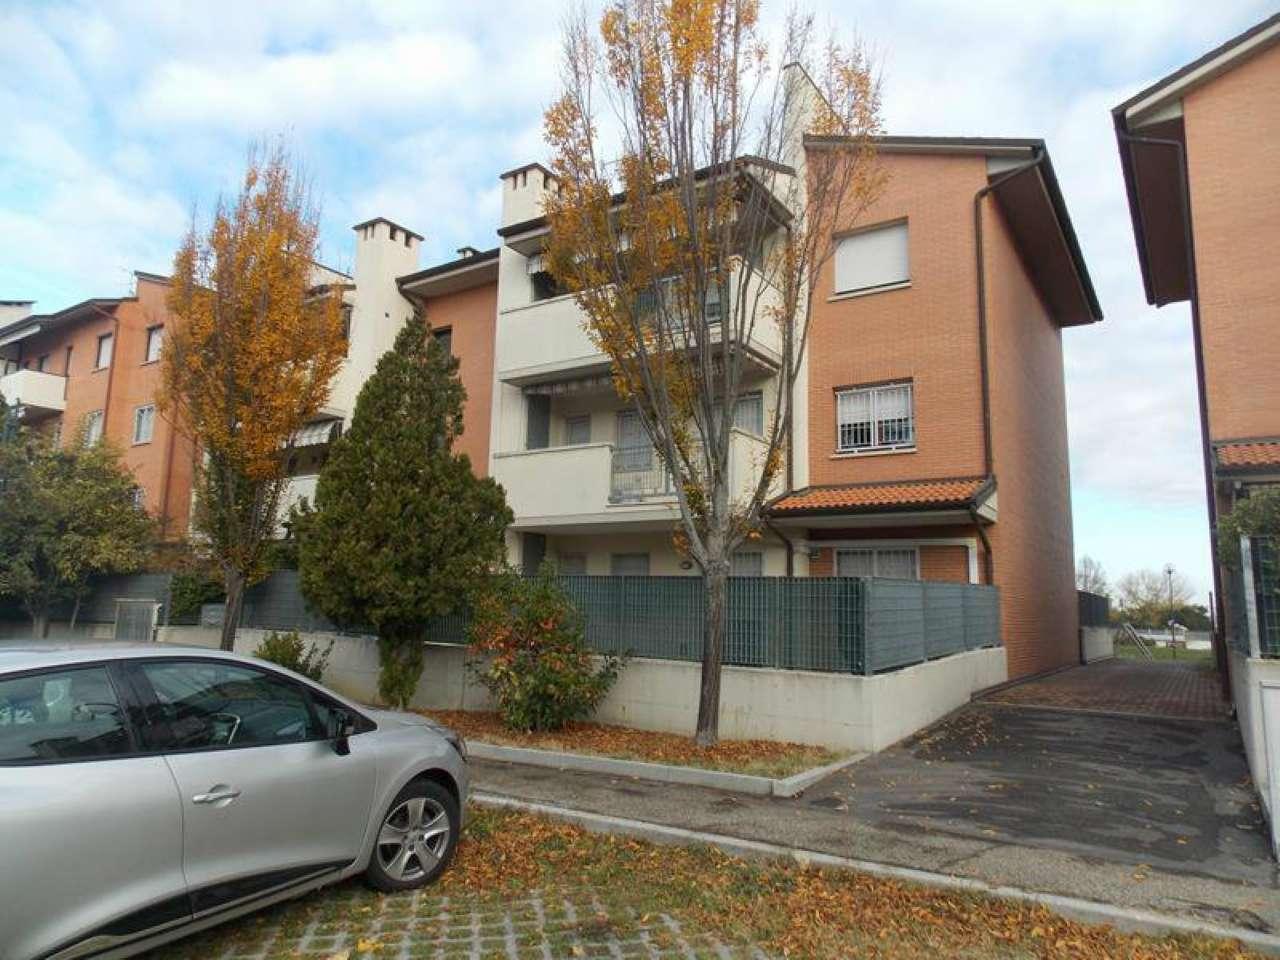 Appartamento trilocale in affitto a Ozzano dell'Emilia (BO)